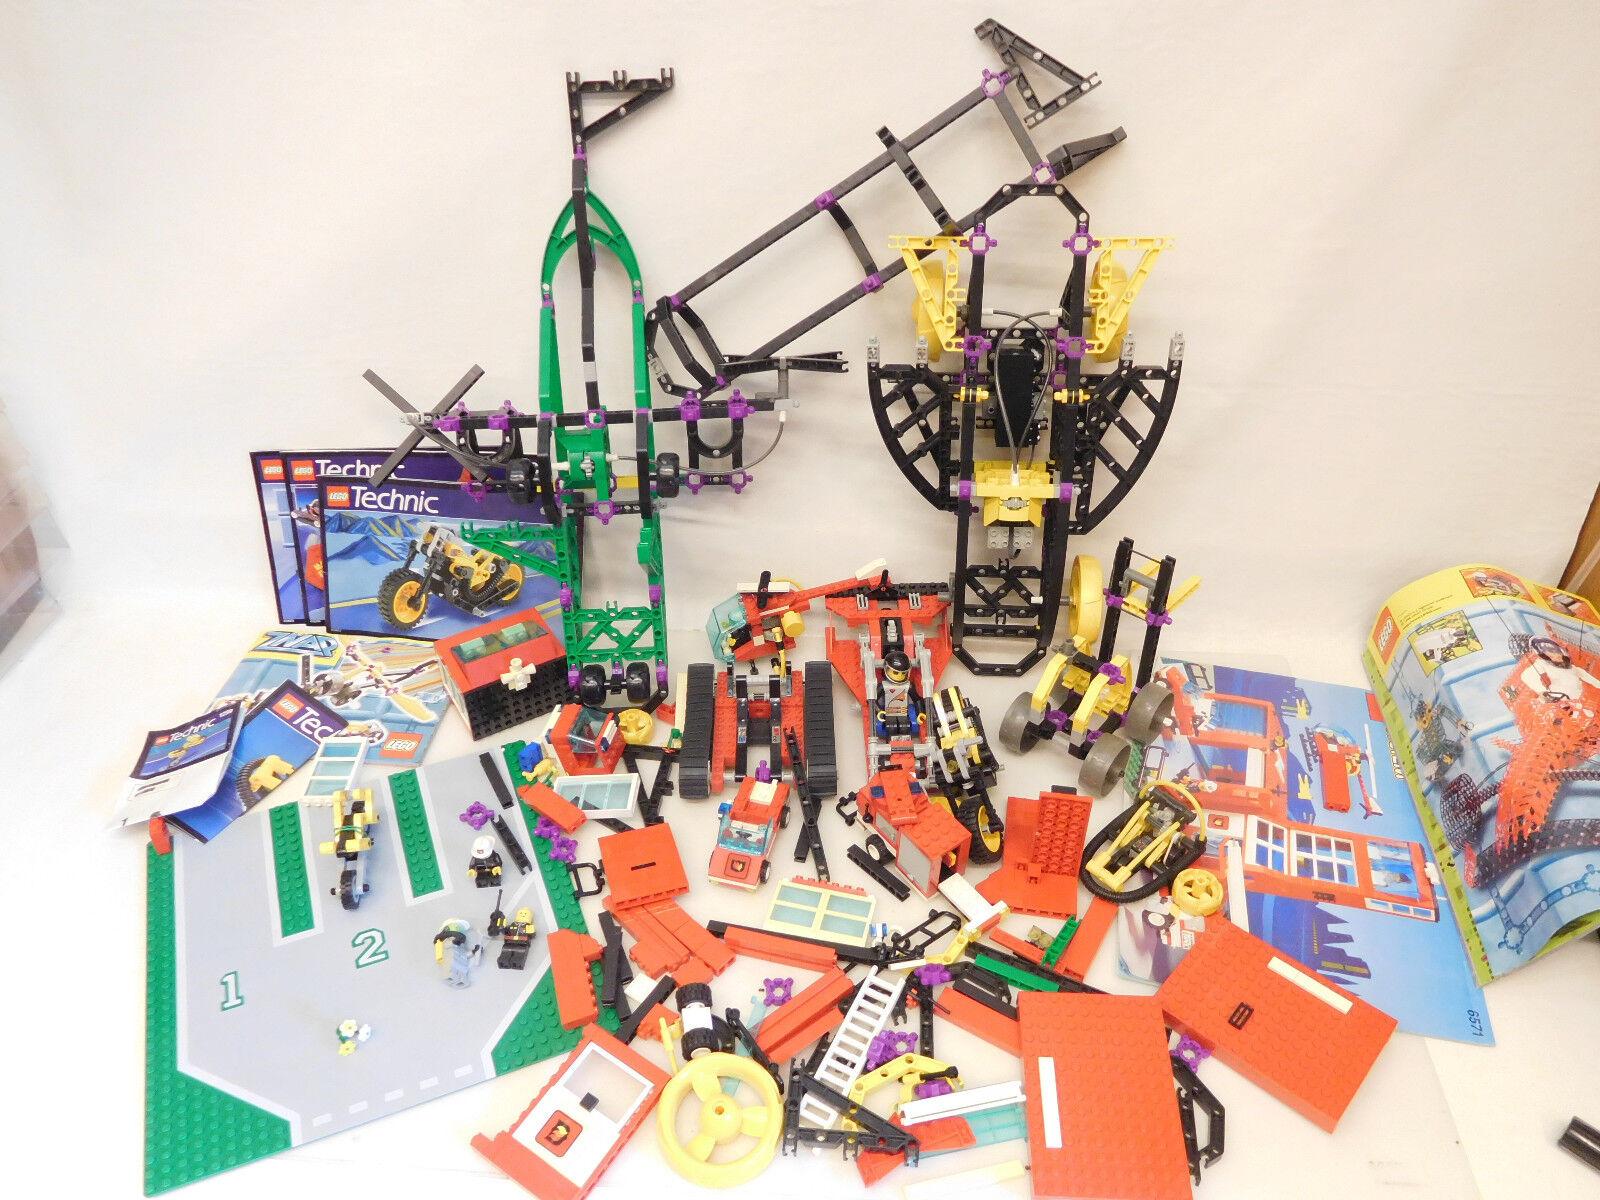 X-61005 LEGO con segni di usura, komplettheit non  può essere garantito,  prezzi più convenienti